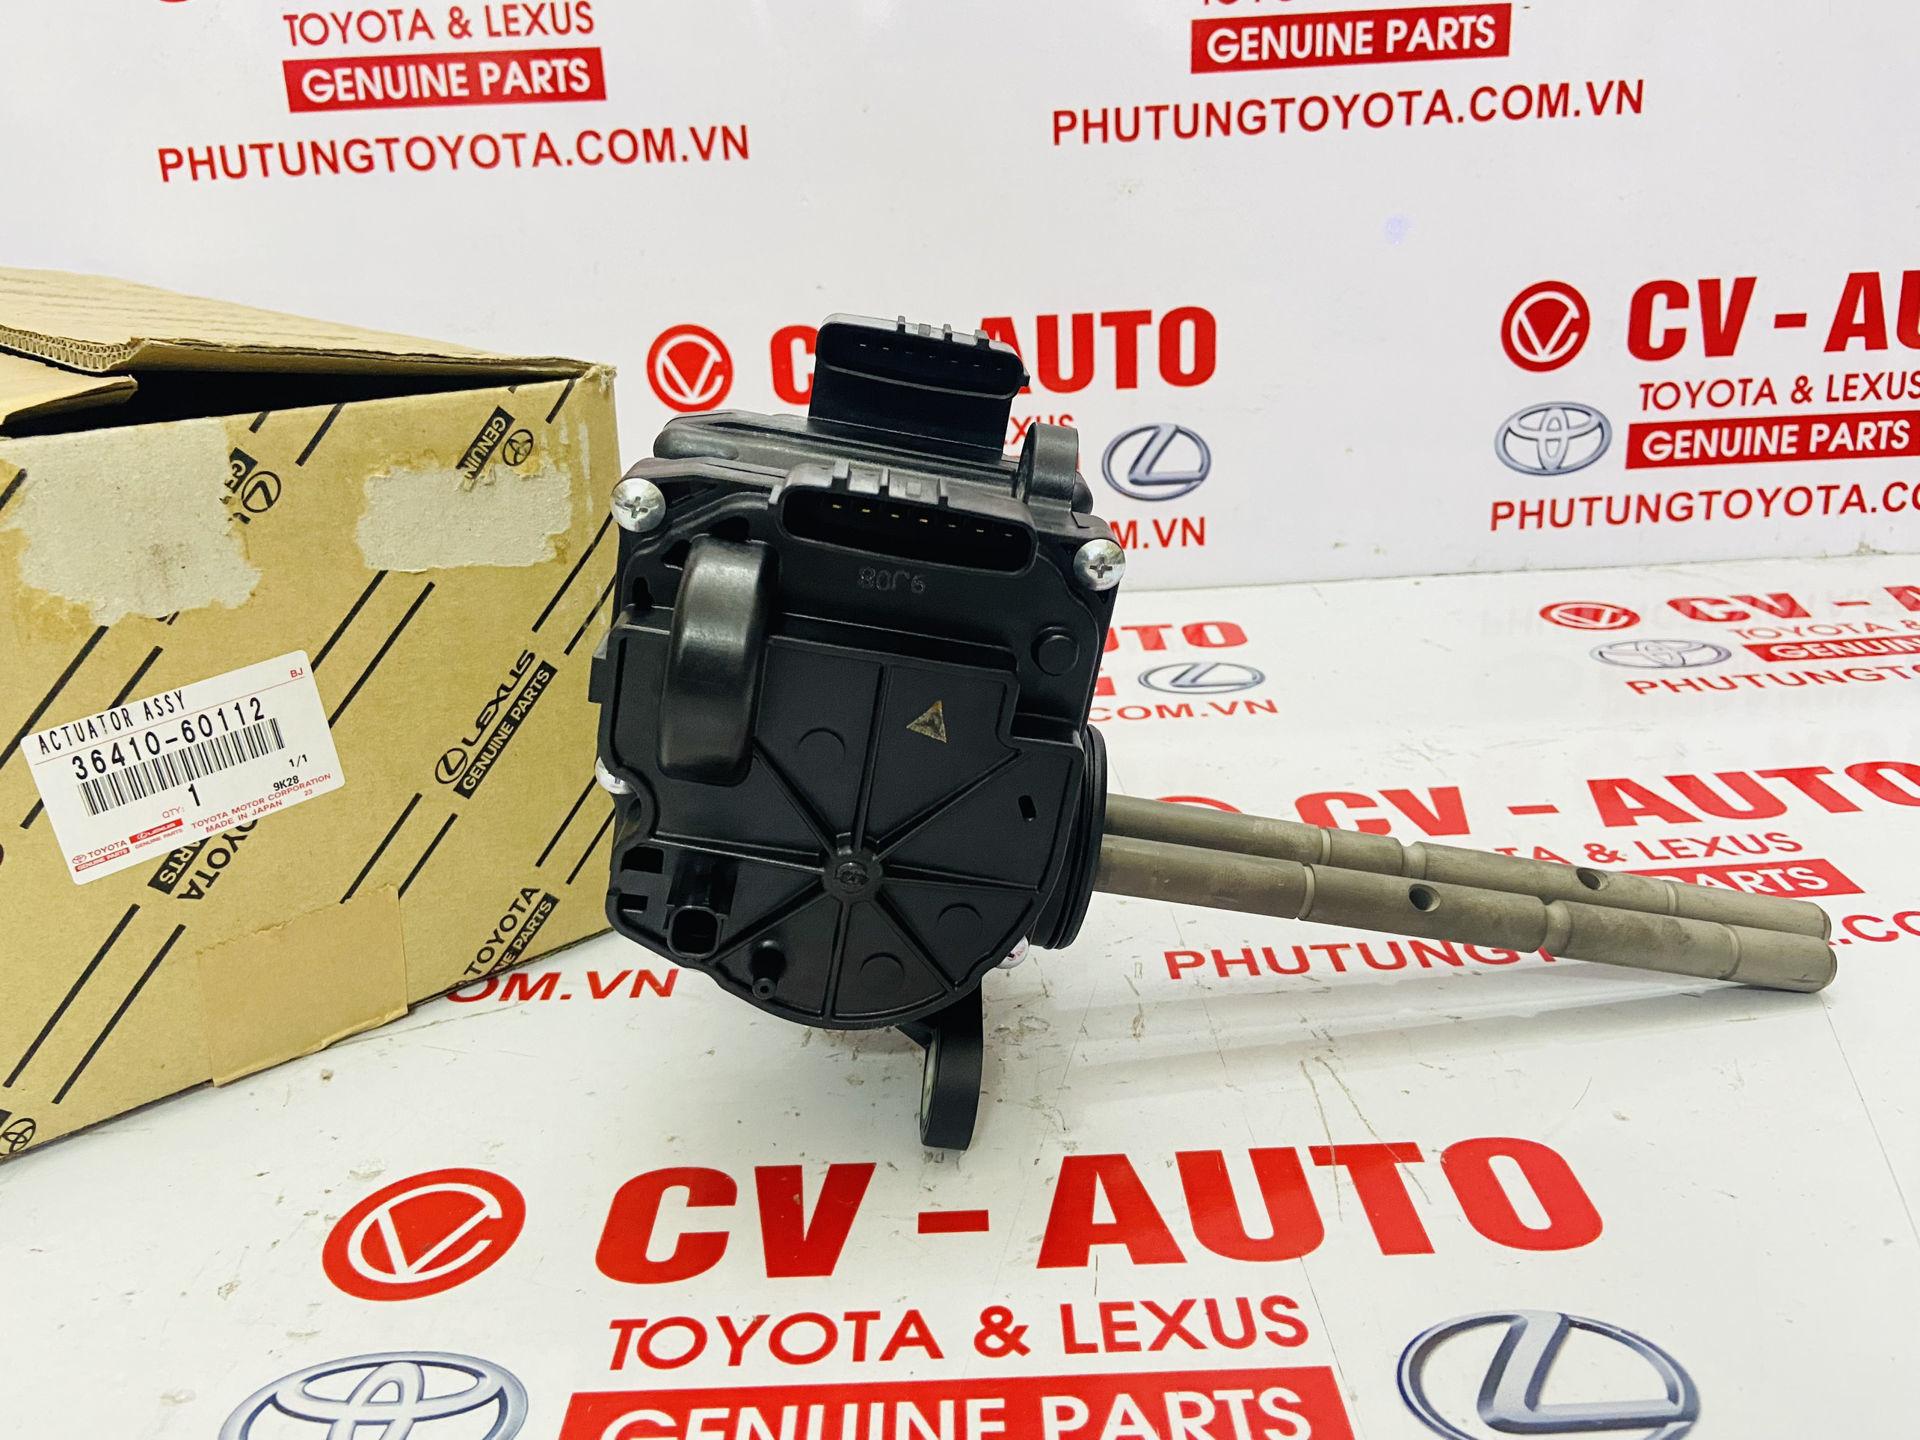 Picture of 3641060112 36410-60112 3641060111 36410-60111 Cơ cấu đi số Lexus LX570 Chính hãng